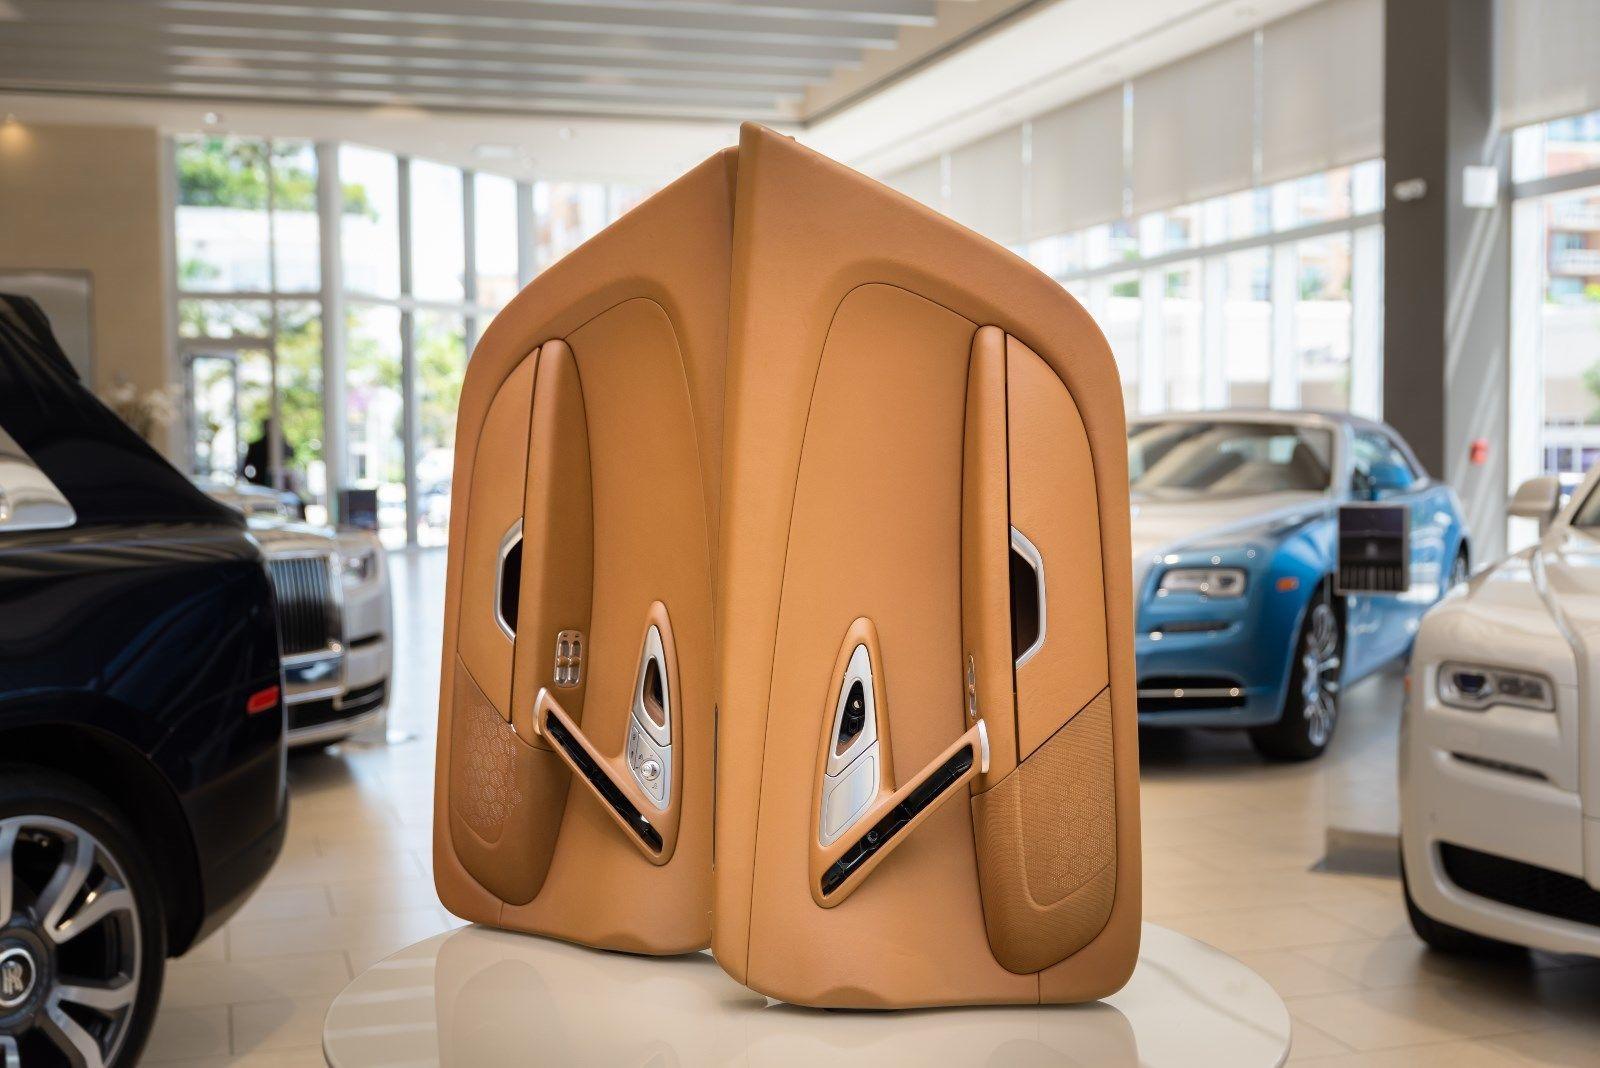 Interior de Bugatti Veyron la vanzare - Interior de Bugatti Veyron la vanzare